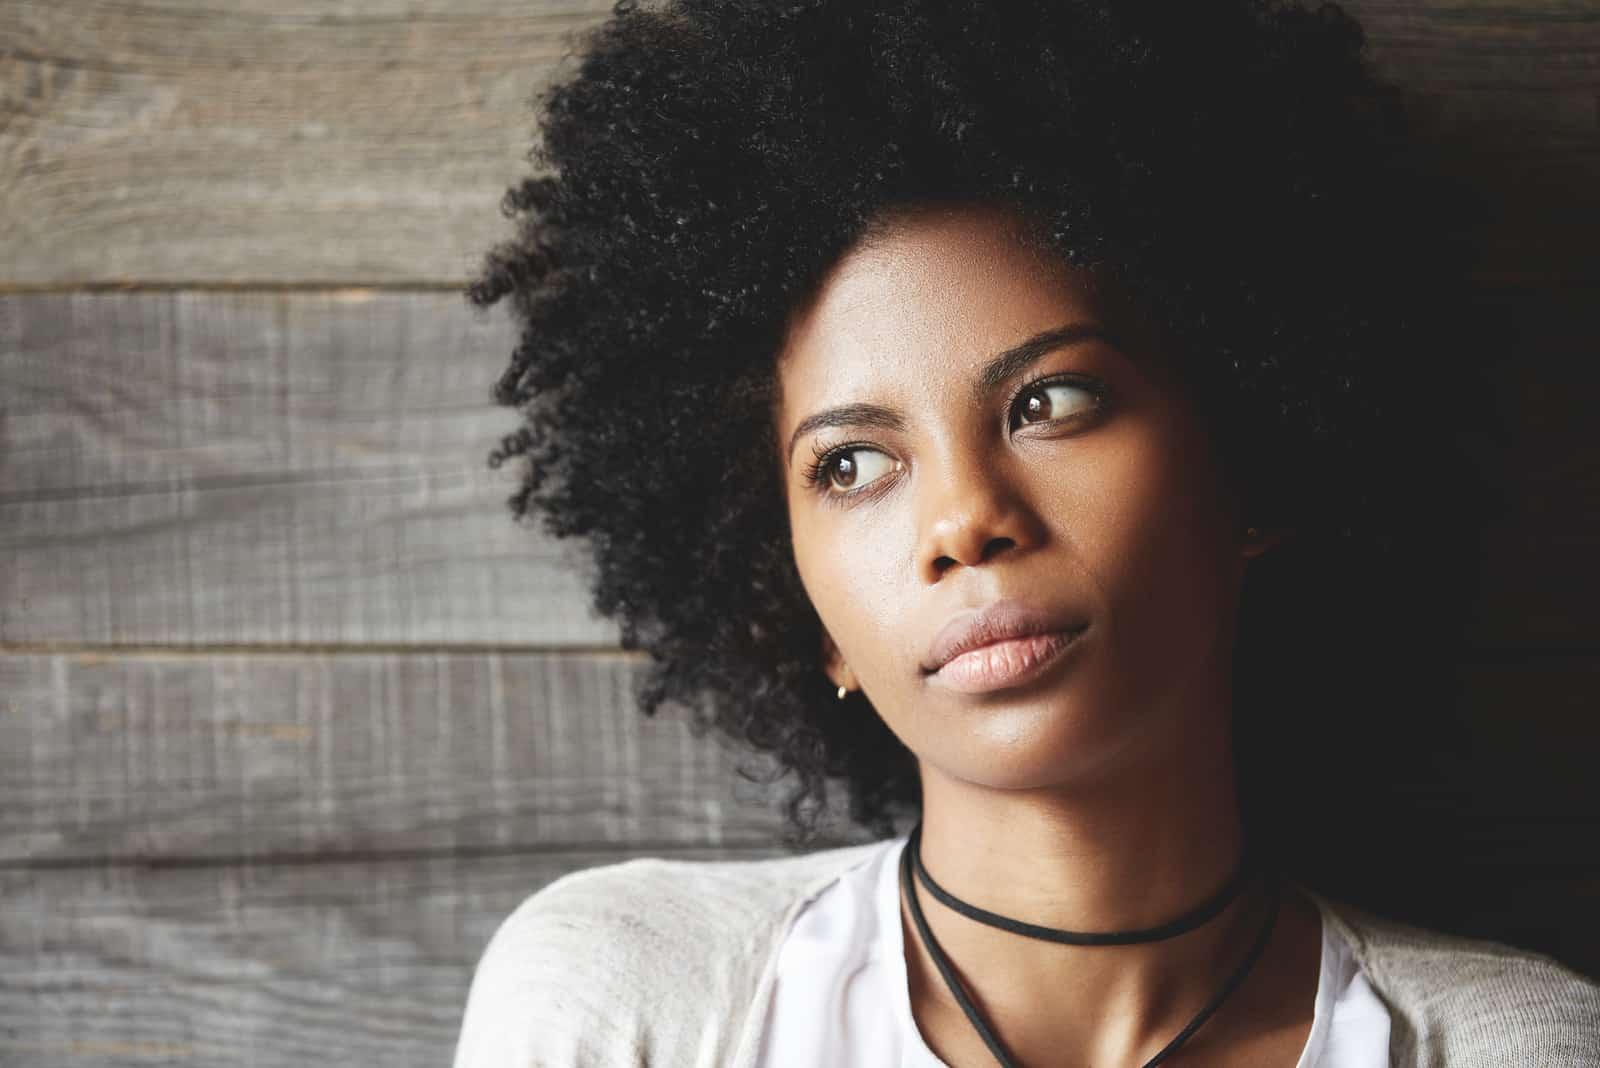 une femme imaginaire aux cheveux crépus